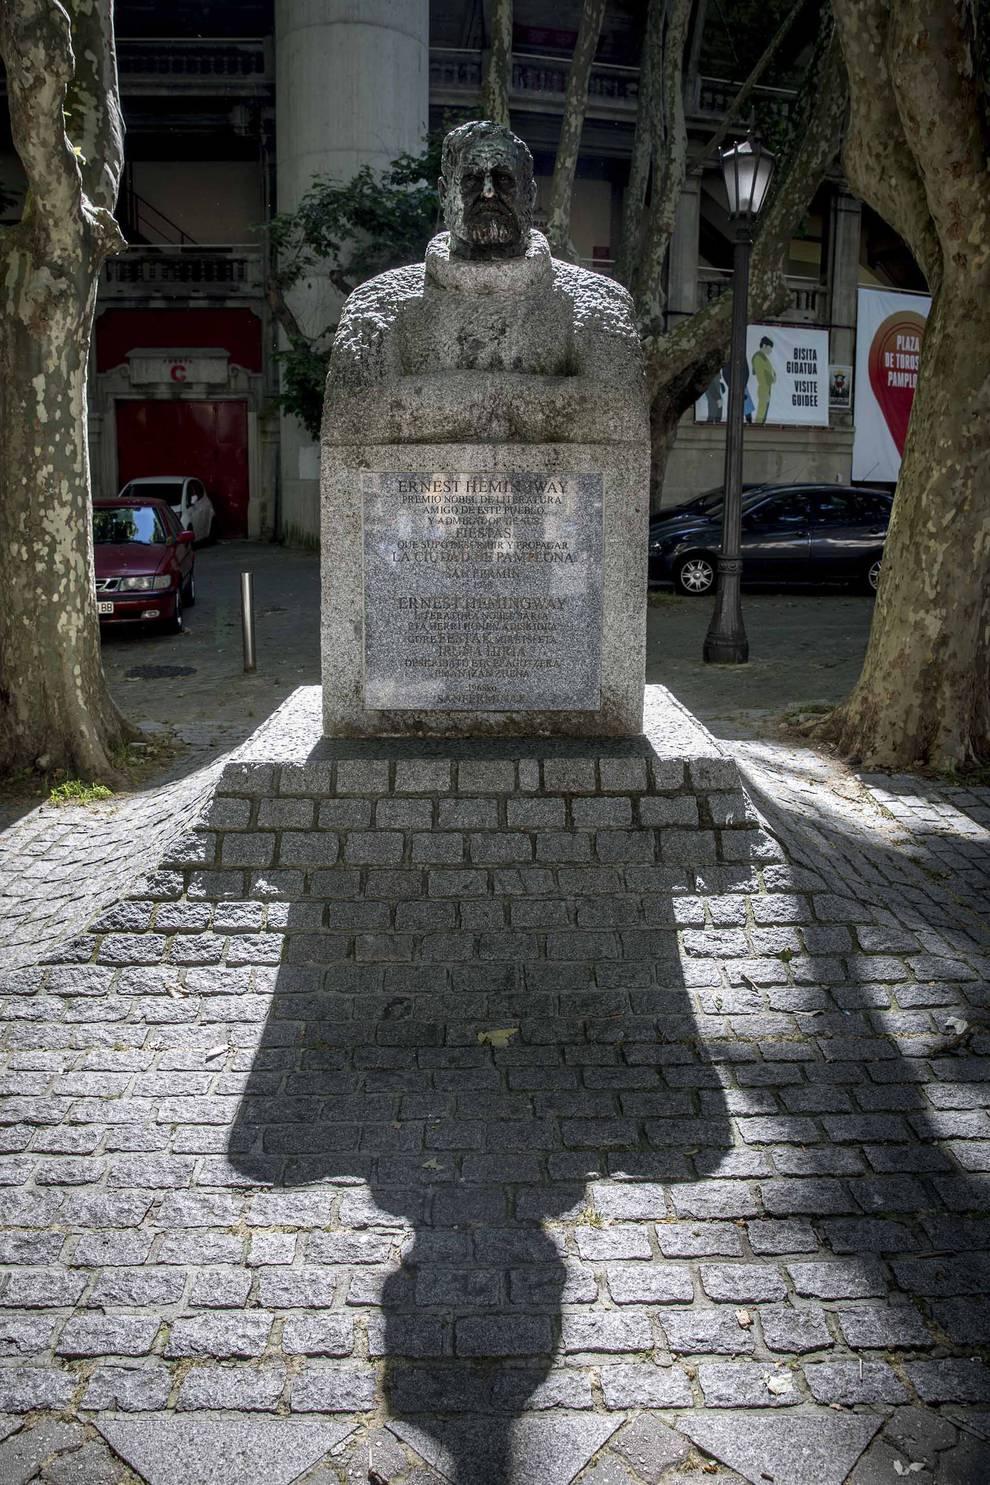 Hemingway, la búsqueda de su verdad y la obsesión taurina (1/10) - El 6 de julio se cumplen cincuenta años de la inauguración de la escultura dedicada al premio nobel frente a la plaza de toros - San Fermín -